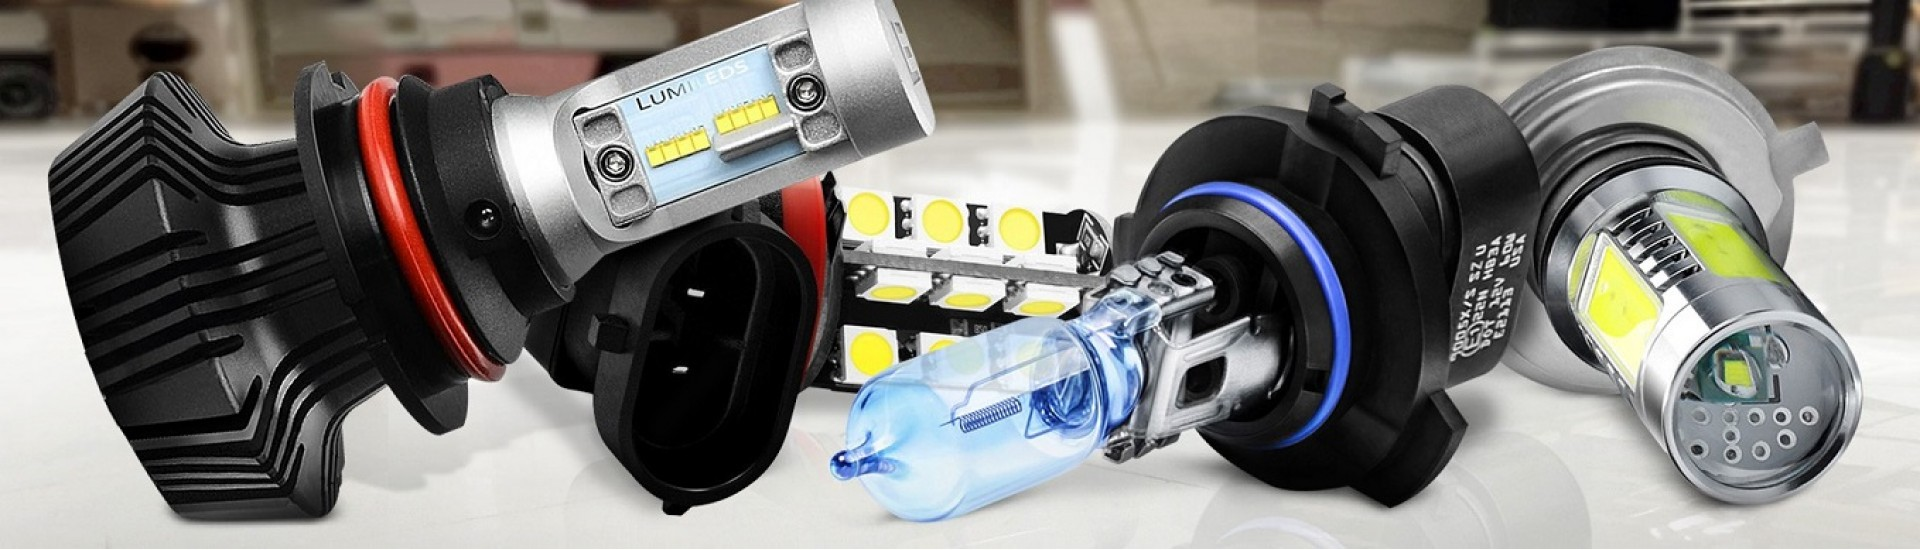 لامپ خودرو ، قیمت لامپ خودرو ، car bulbs